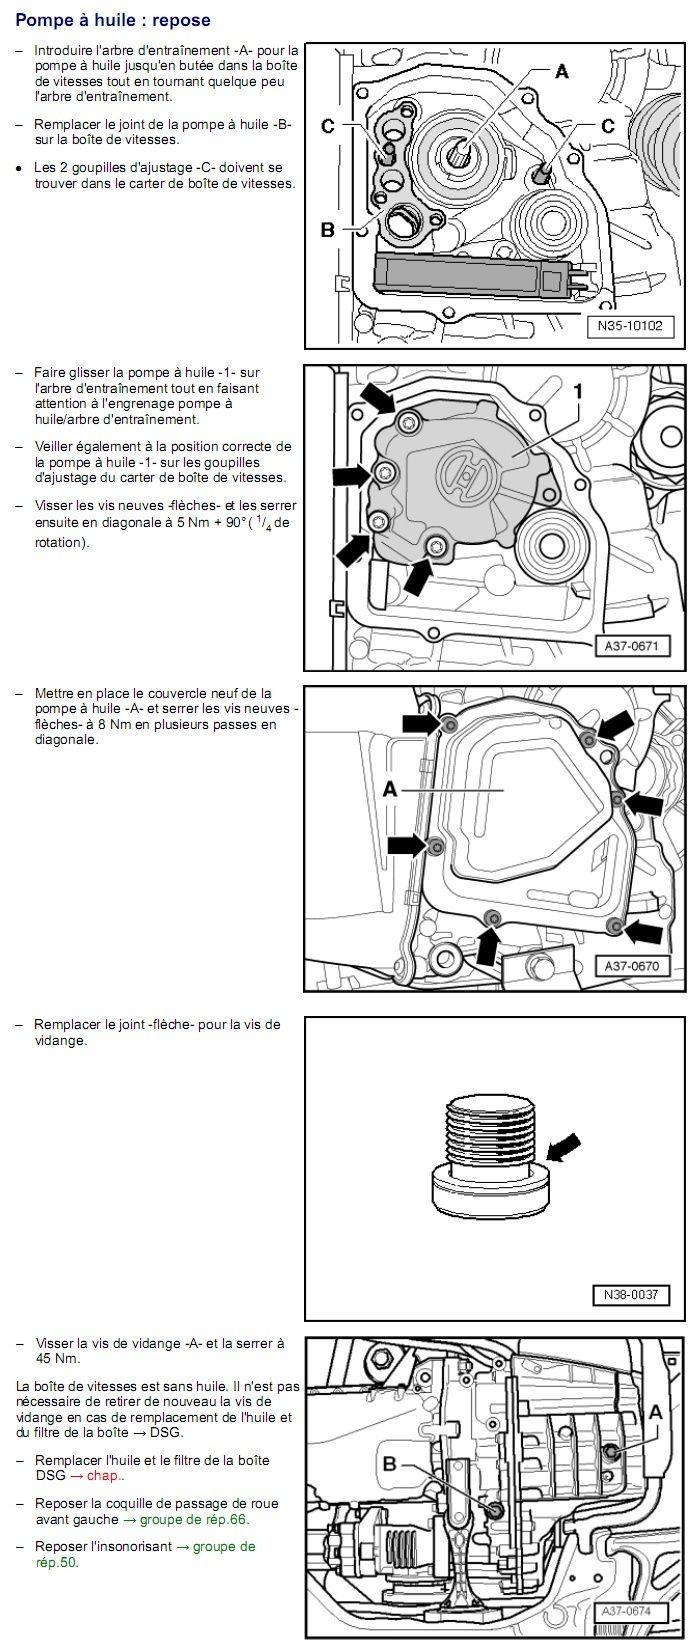 Description et Réparation - Boite DSG 02E  Dsg3310